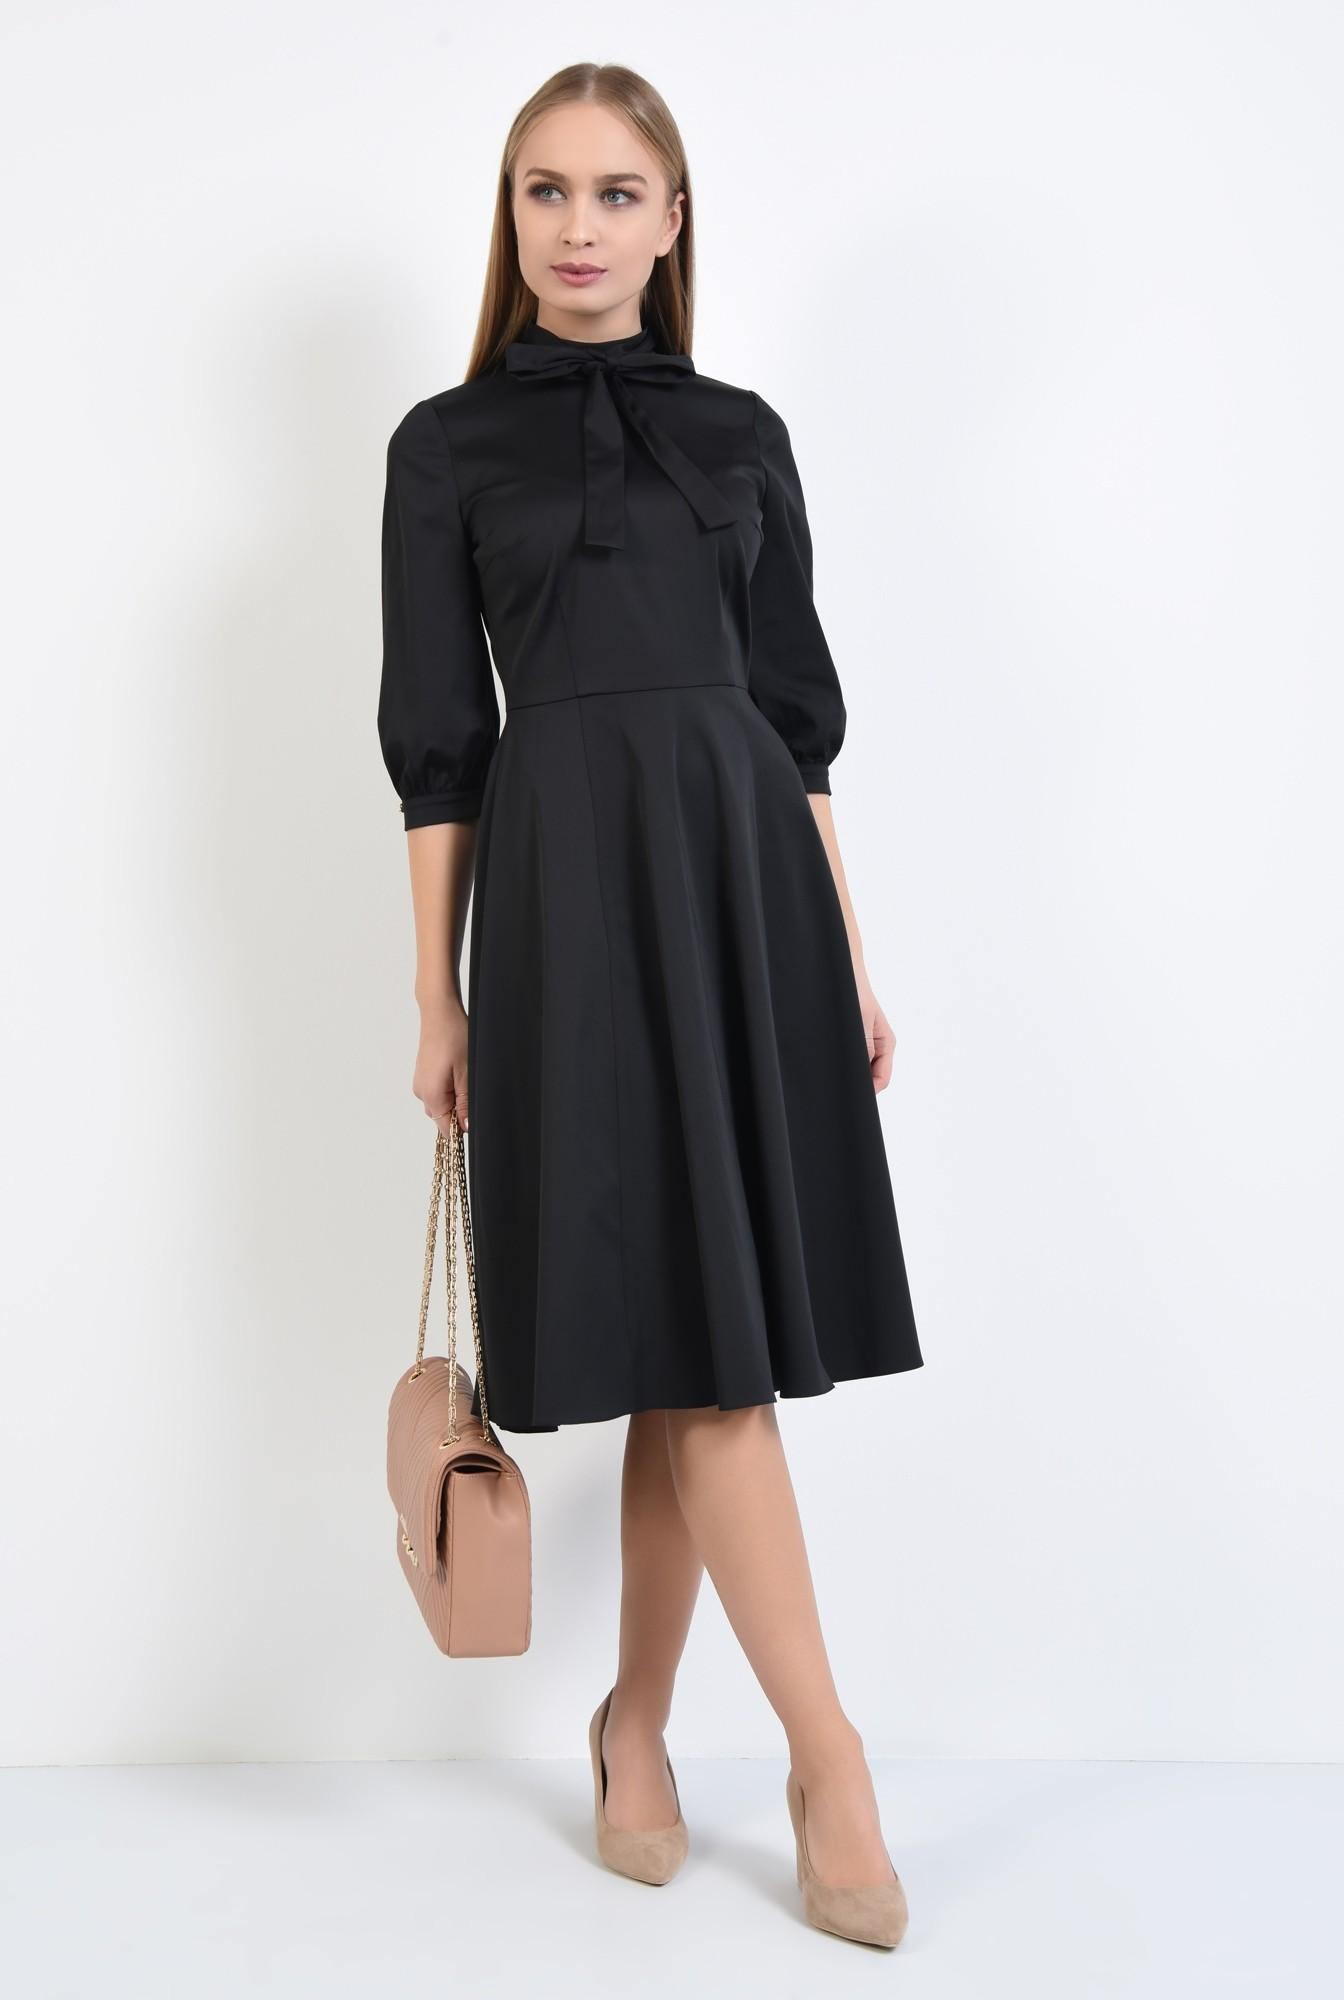 3 - rochie neagra, clos, guler cu funda, cusatura in talie